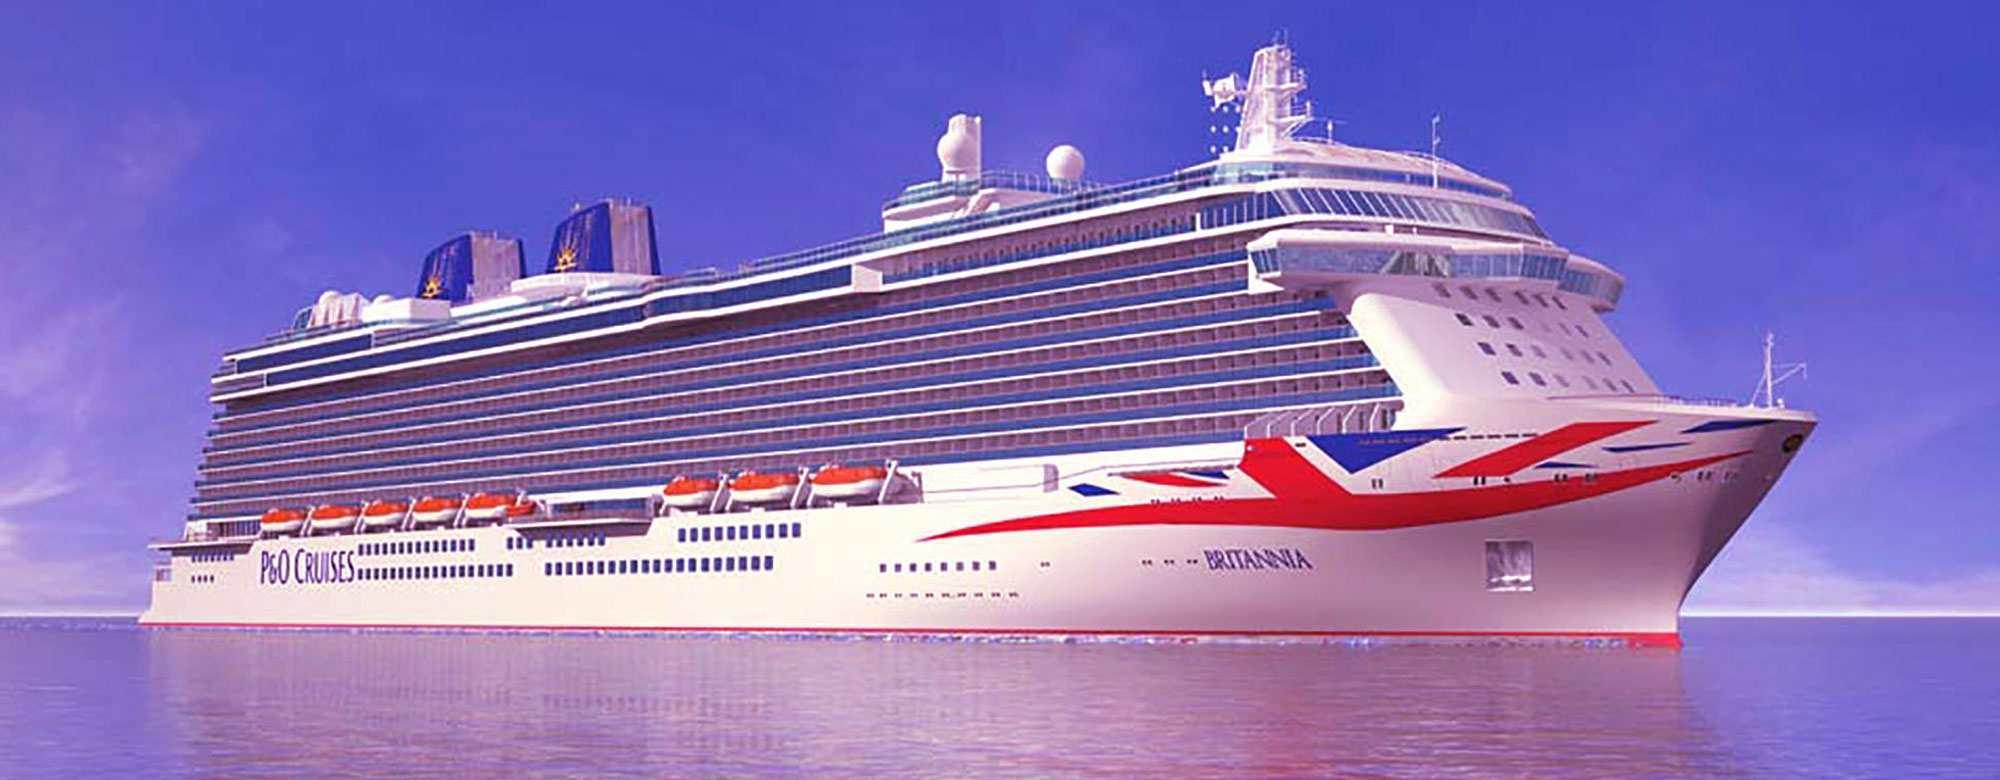 P & O Britannia cruise ship